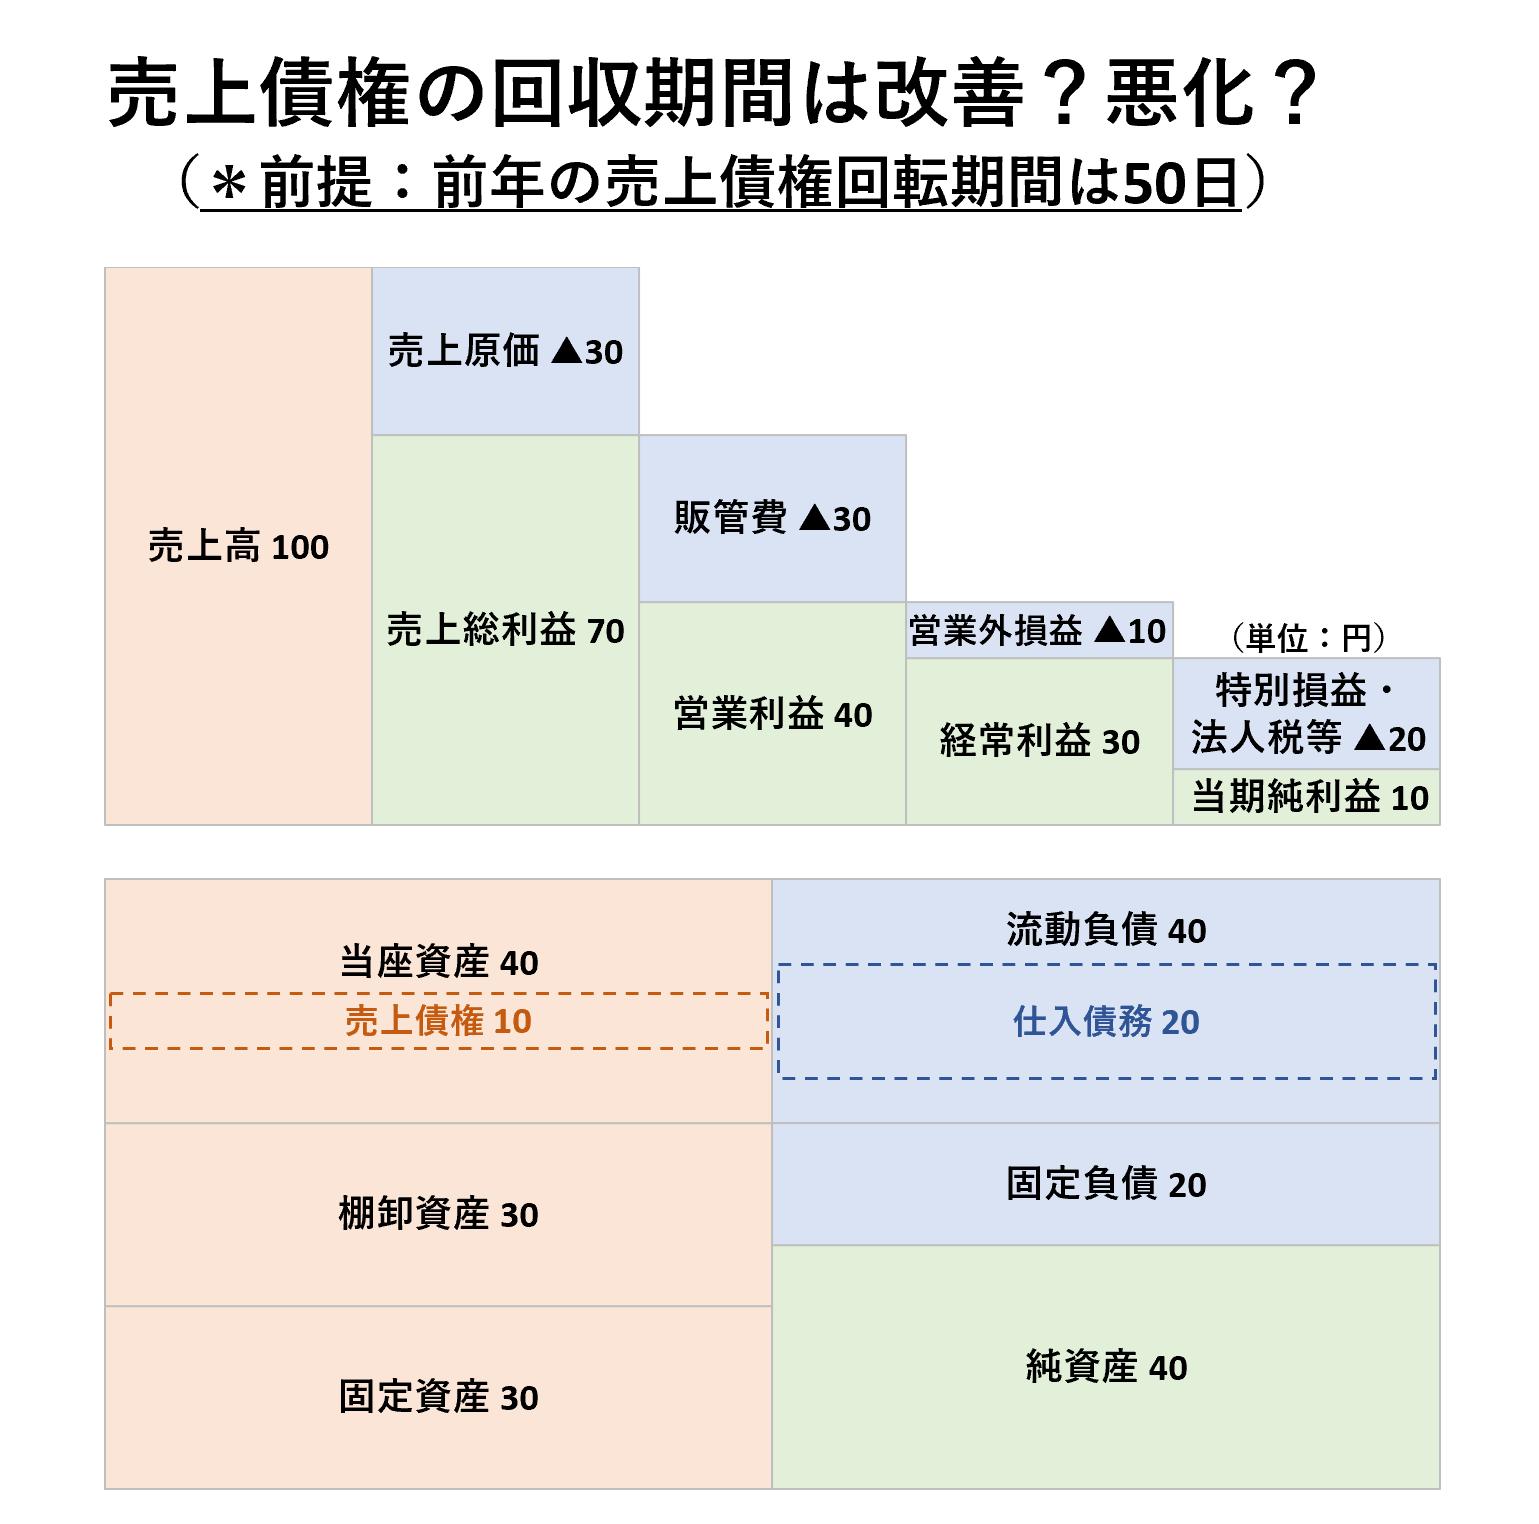 収益性分析(2級):売上債権回転期間ー問題